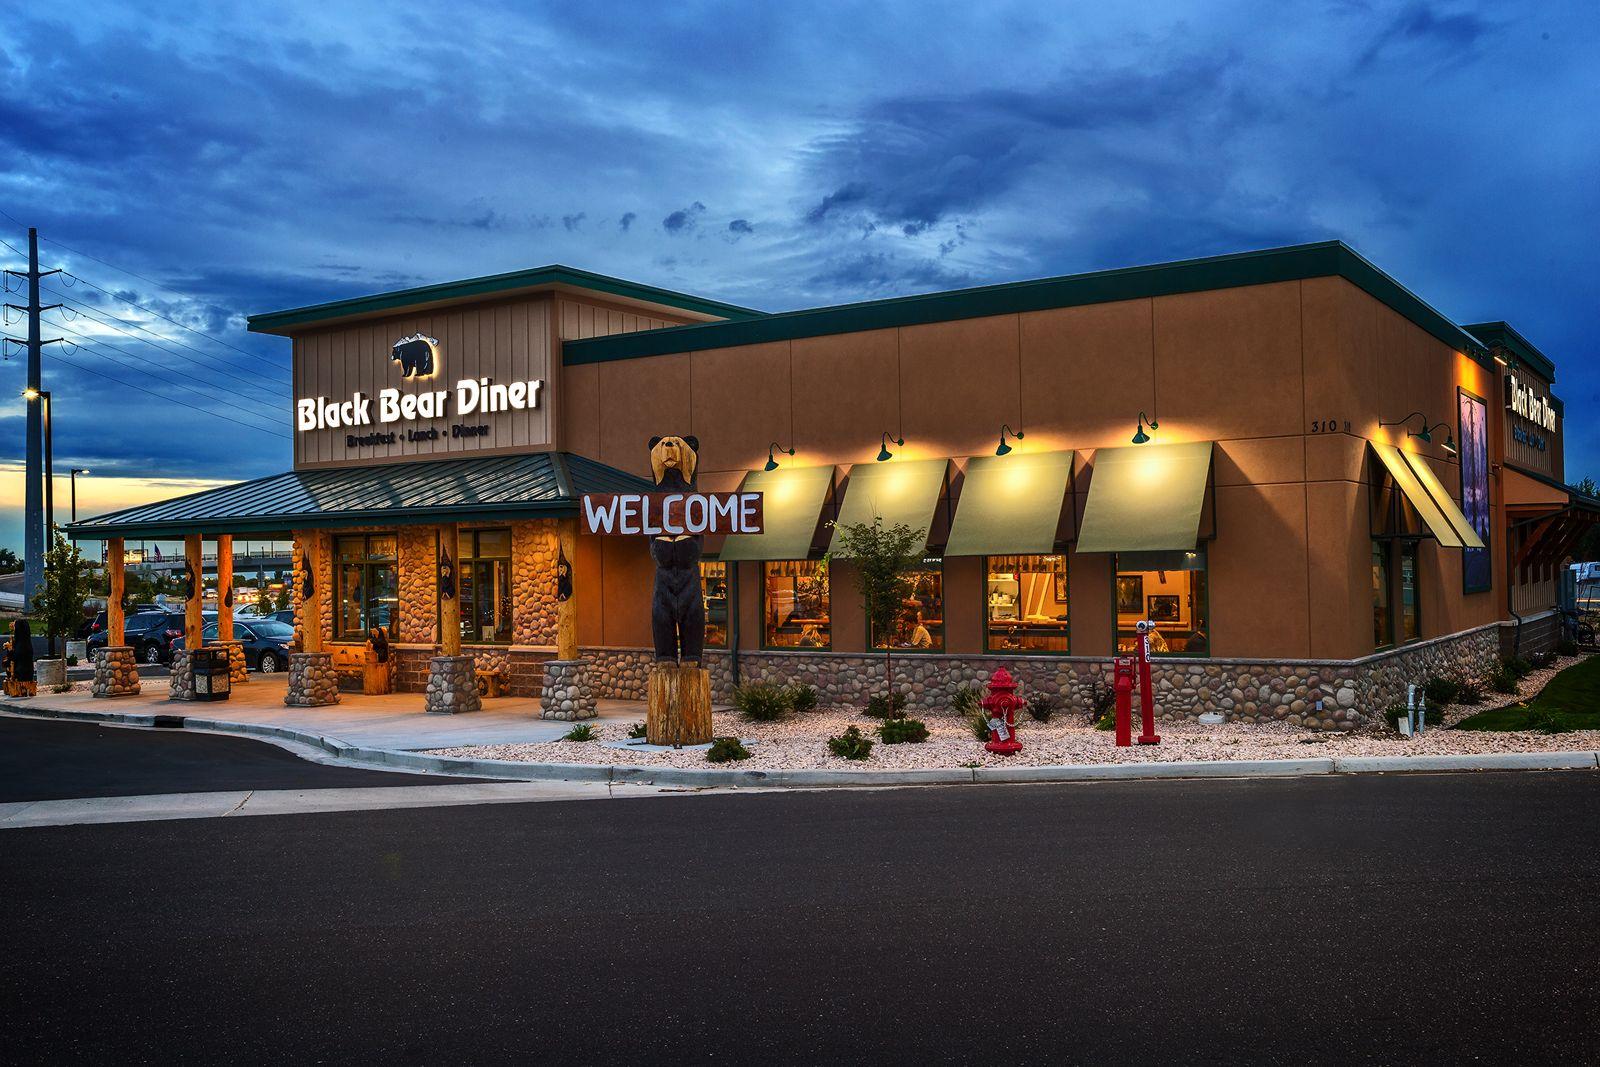 Black Bear Diner nommé restaurant familial officiel pour l'athlétisme au lycée dans six États